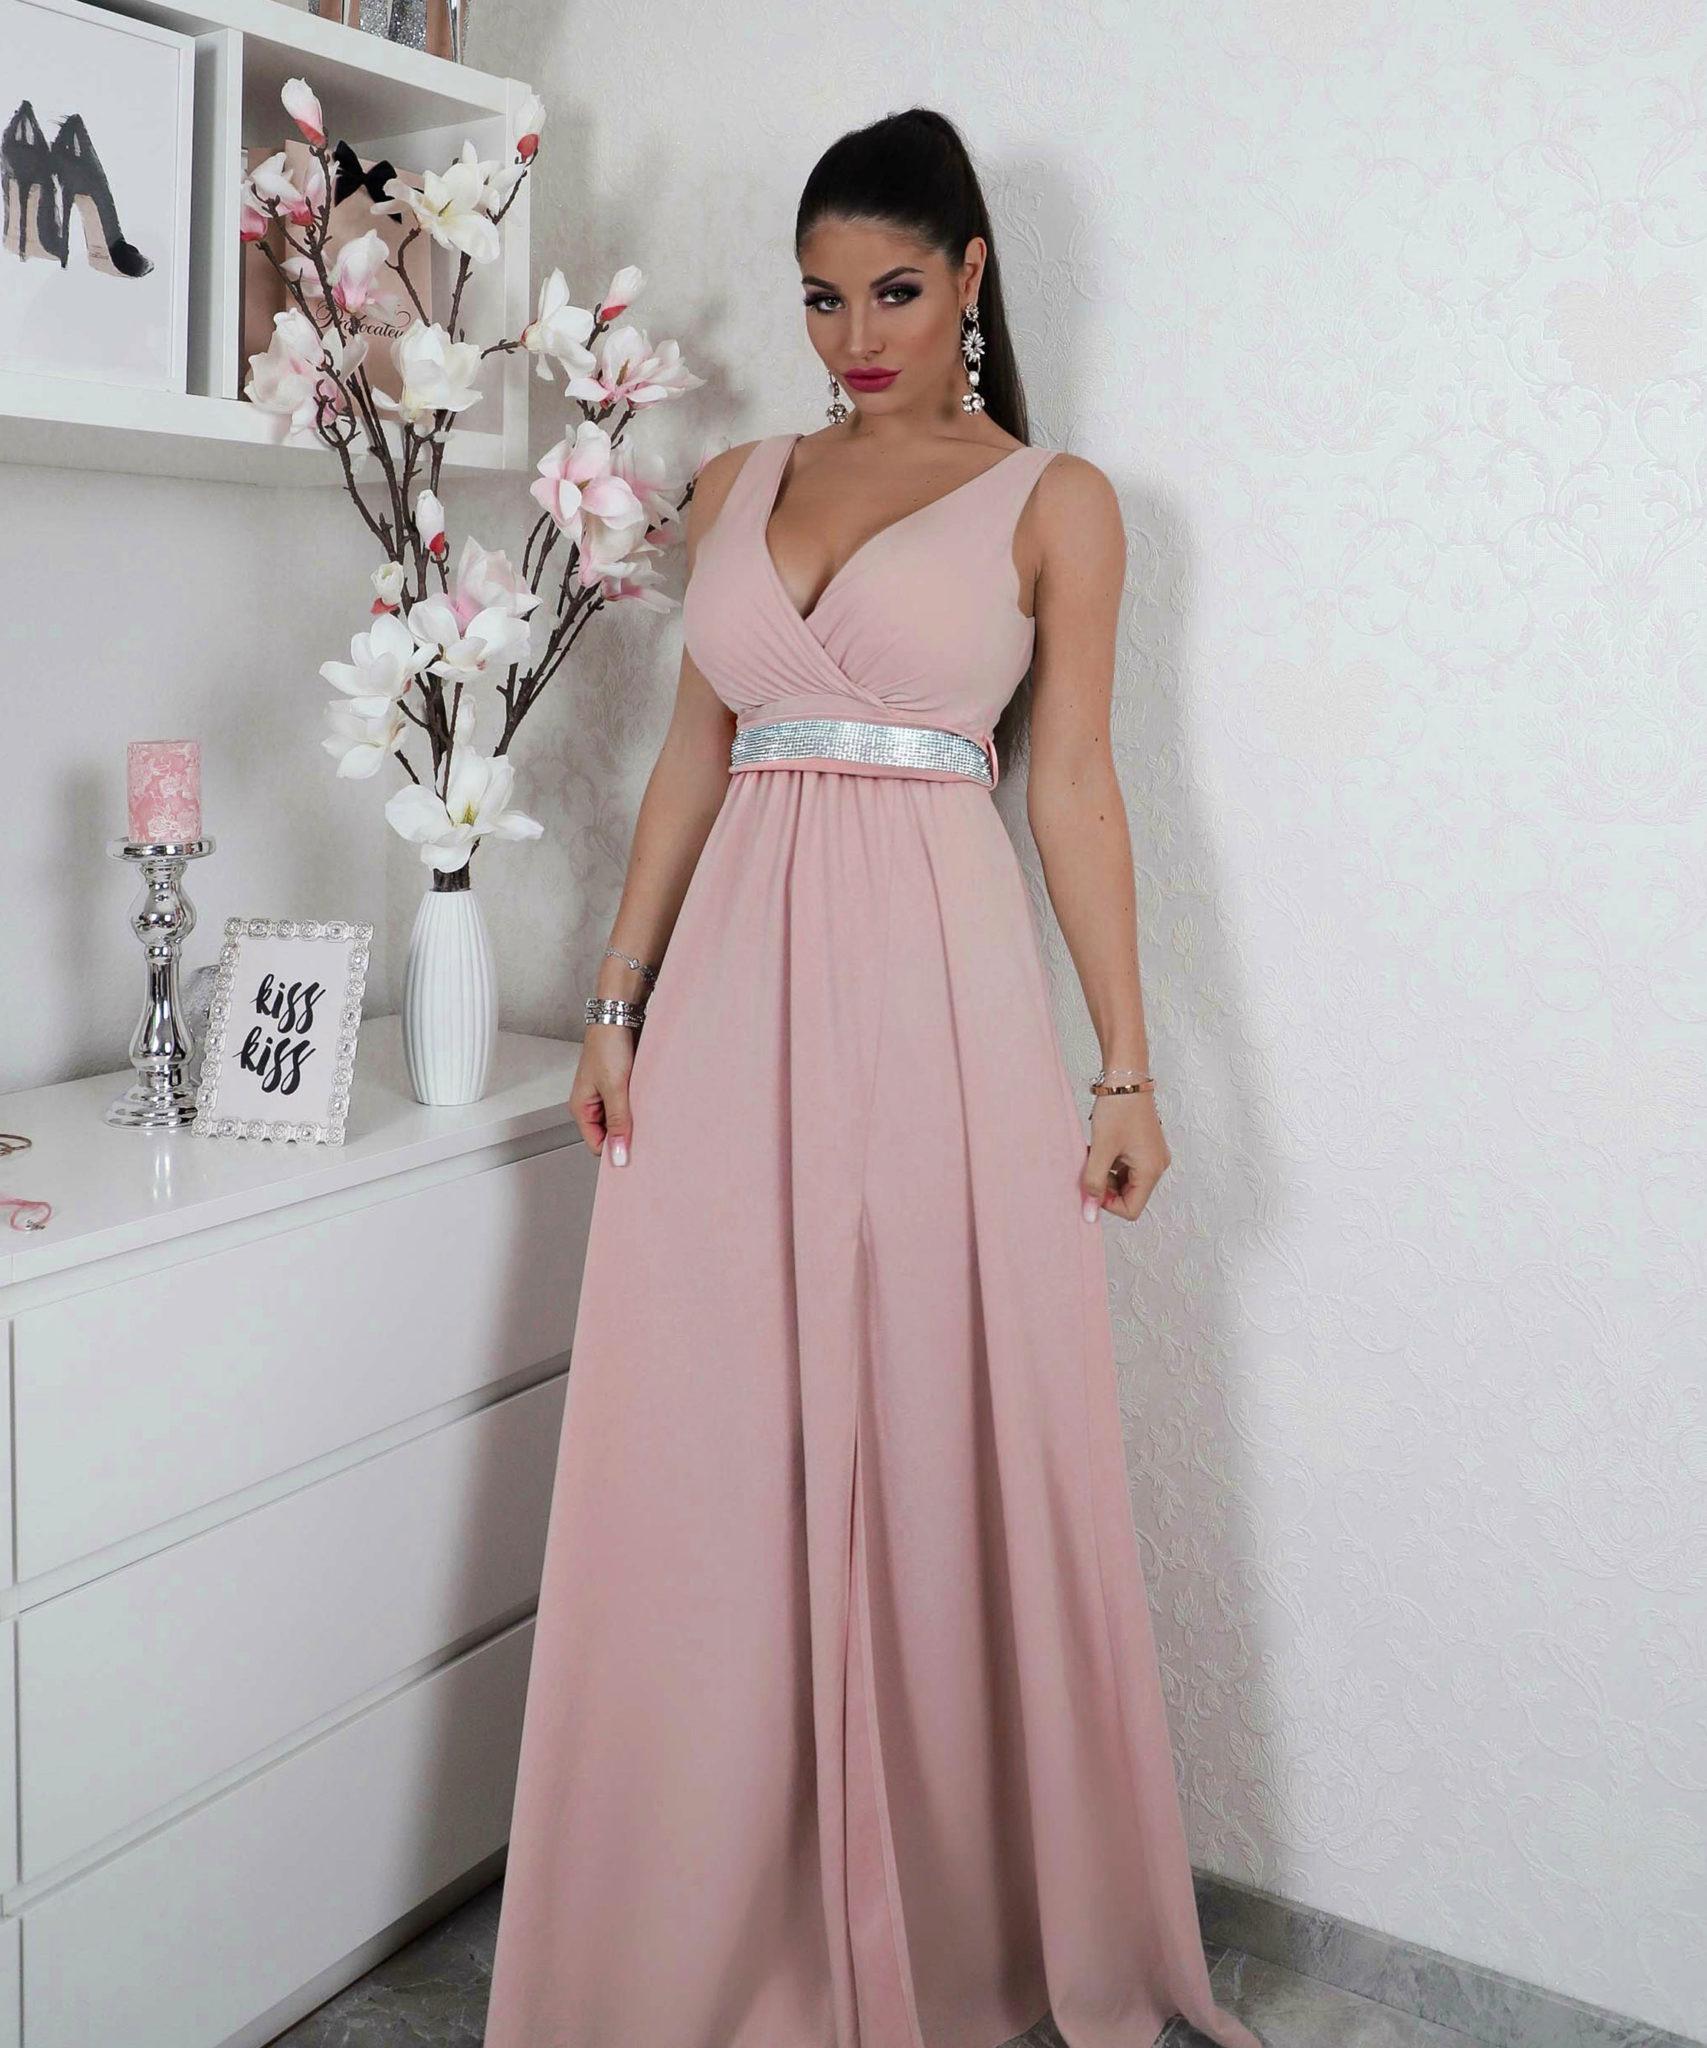 15 Luxurius Rosa Kleid Kurz Design Schön Rosa Kleid Kurz für 2019